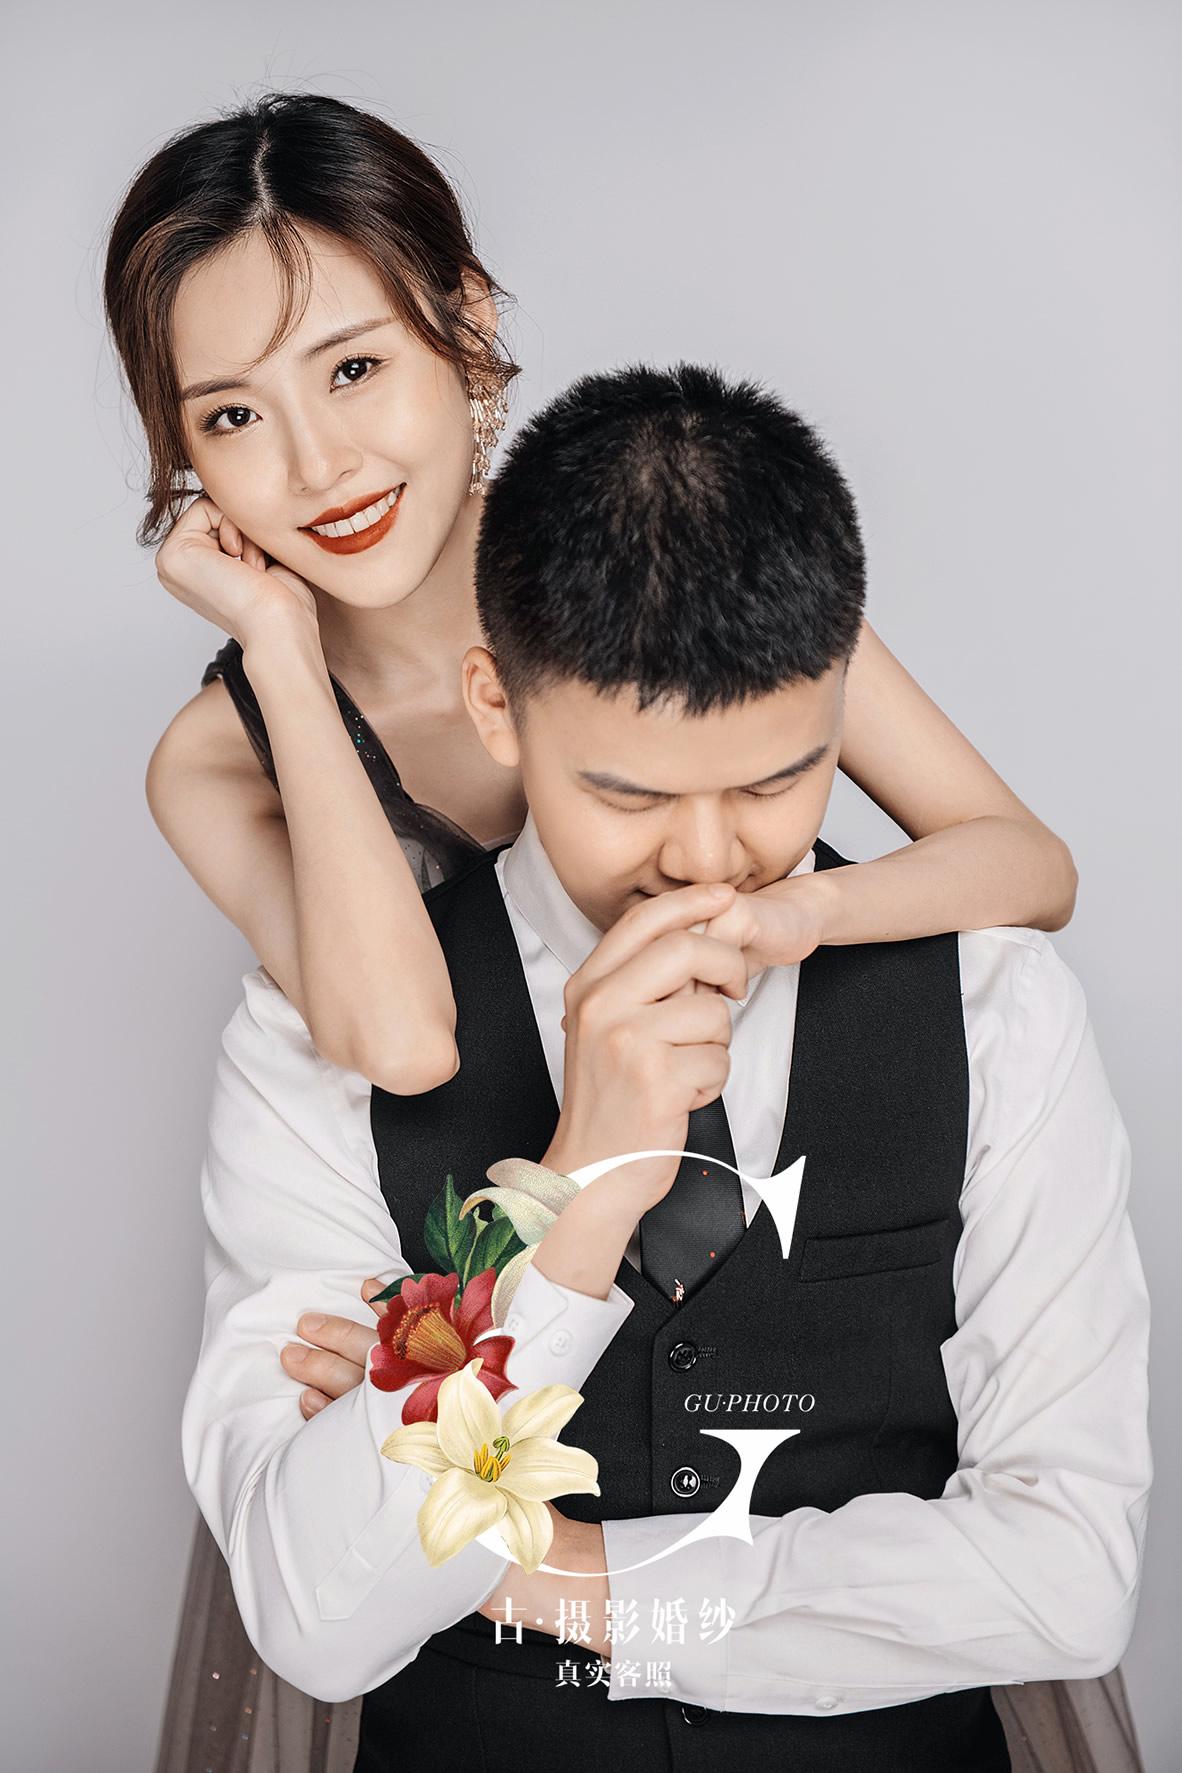 陳先生 陳小姐 - 每日客照 - 古攝影婚紗藝術-古攝影成都婚紗攝影藝術攝影網